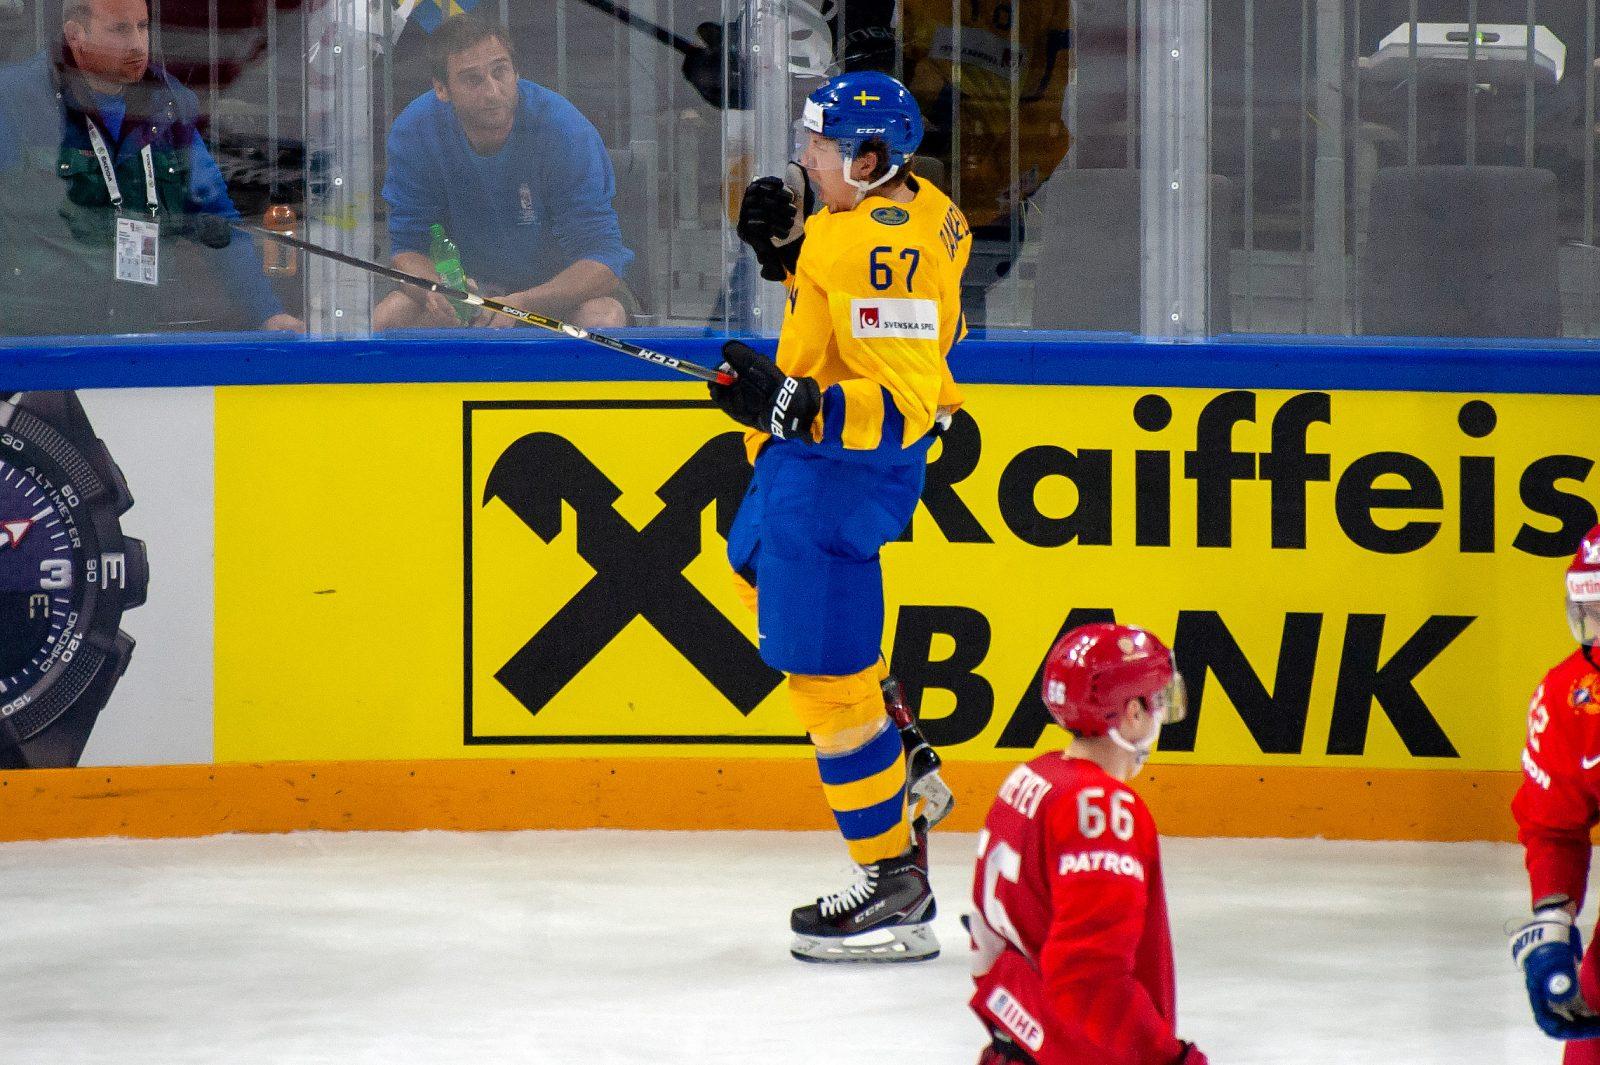 HOCKEY-VM: NHL-svenskarna som tackat ja till VM-spel